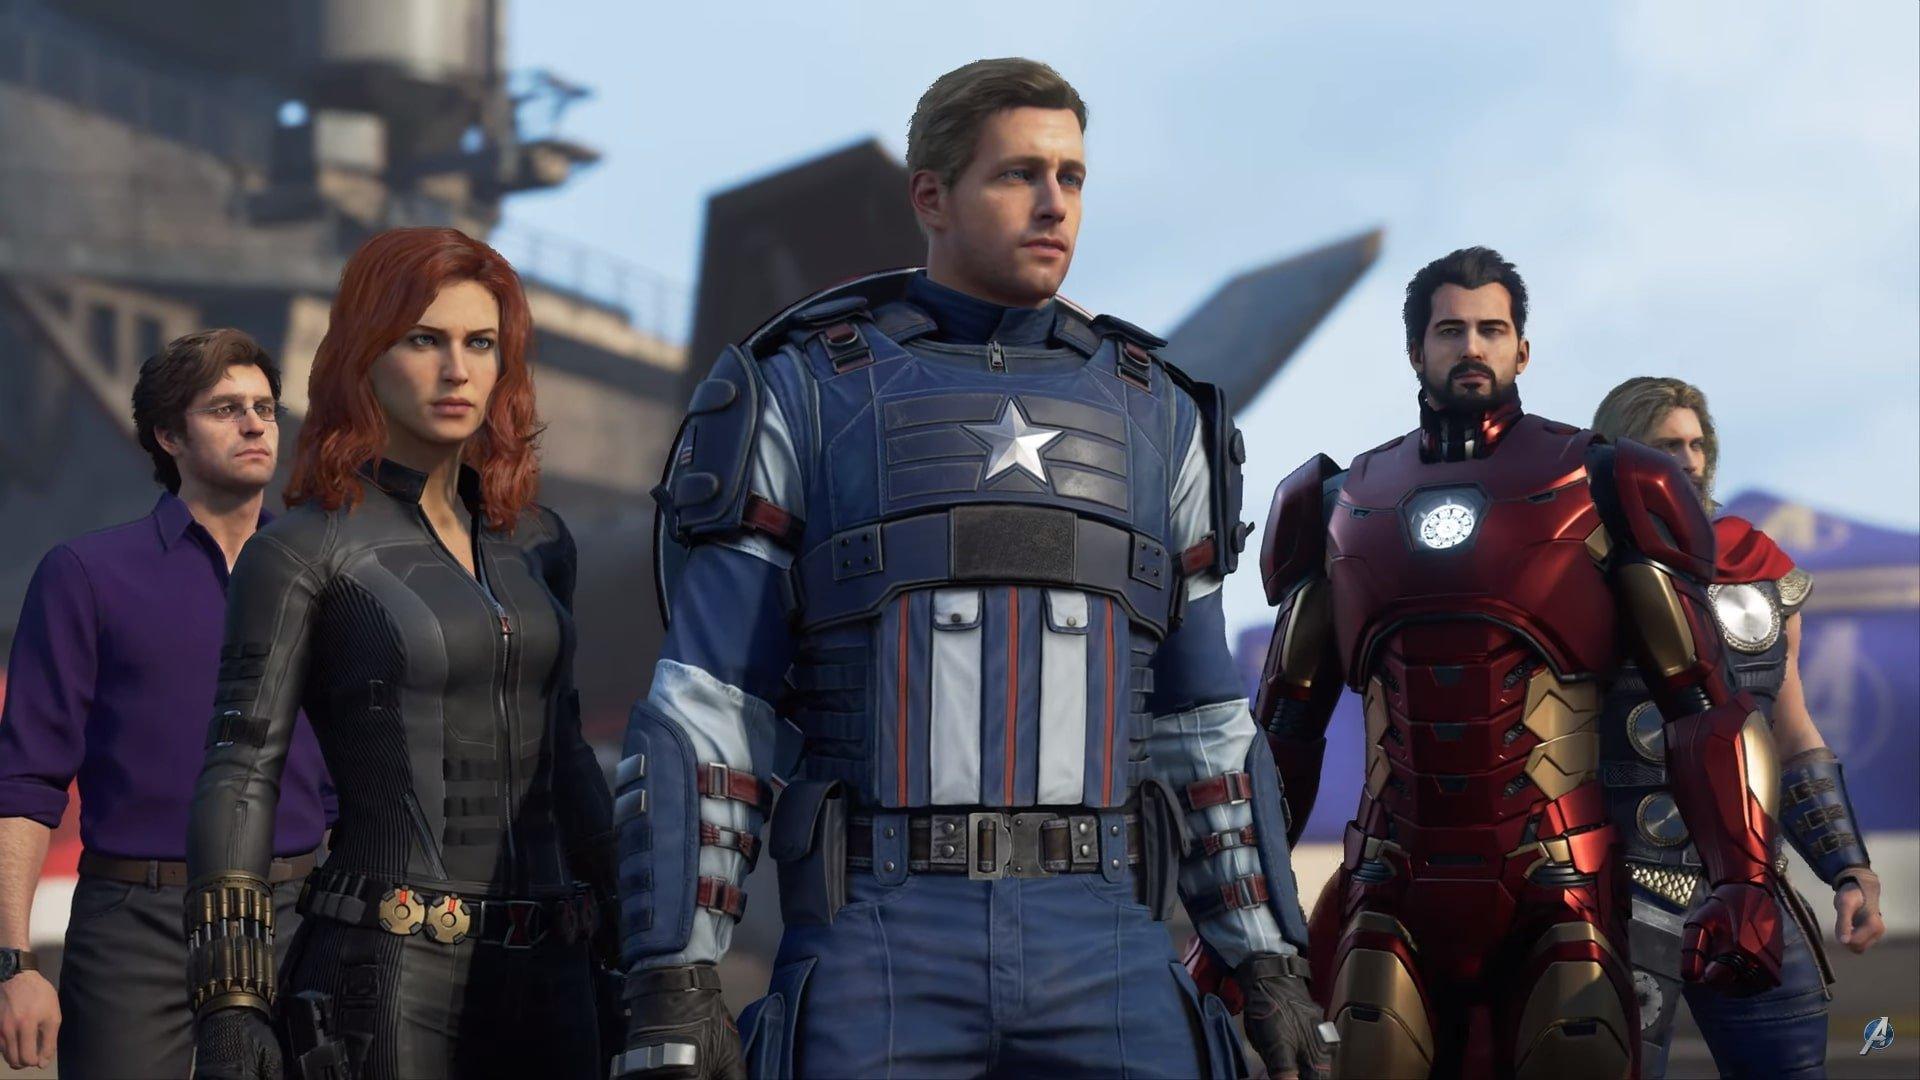 Avengers gets new September release date